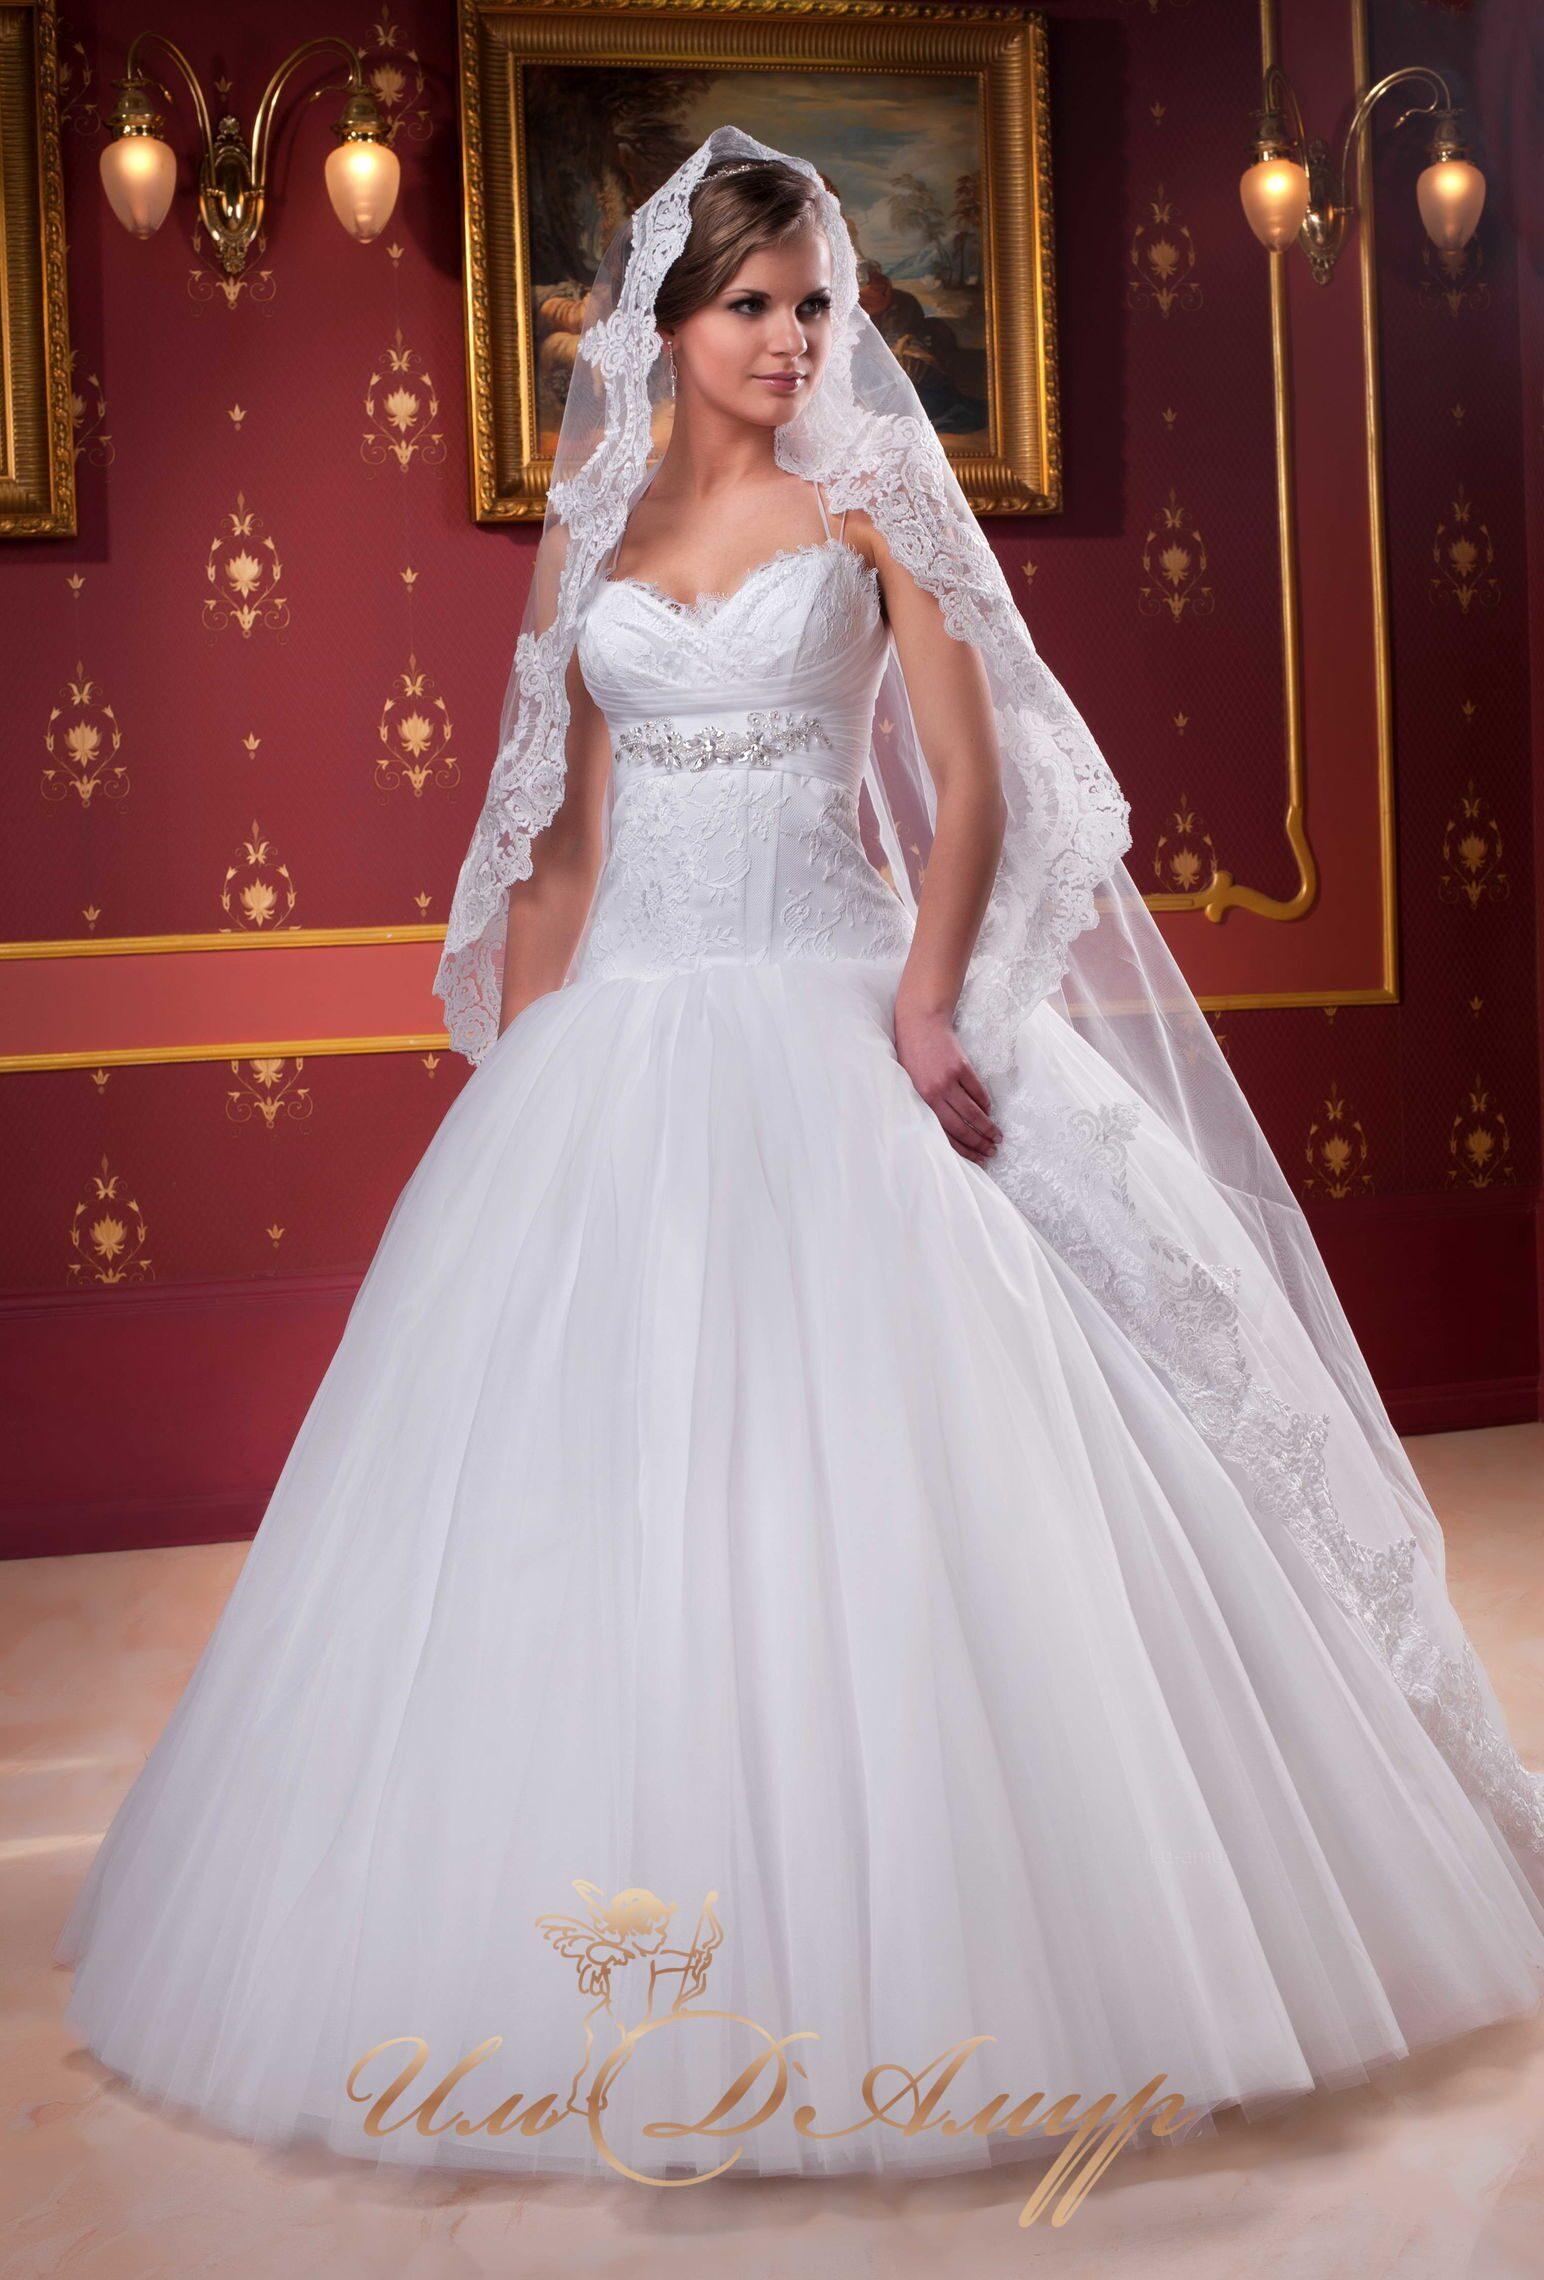 Отзывы свадебное платье греческого стиля с завышенной талией на